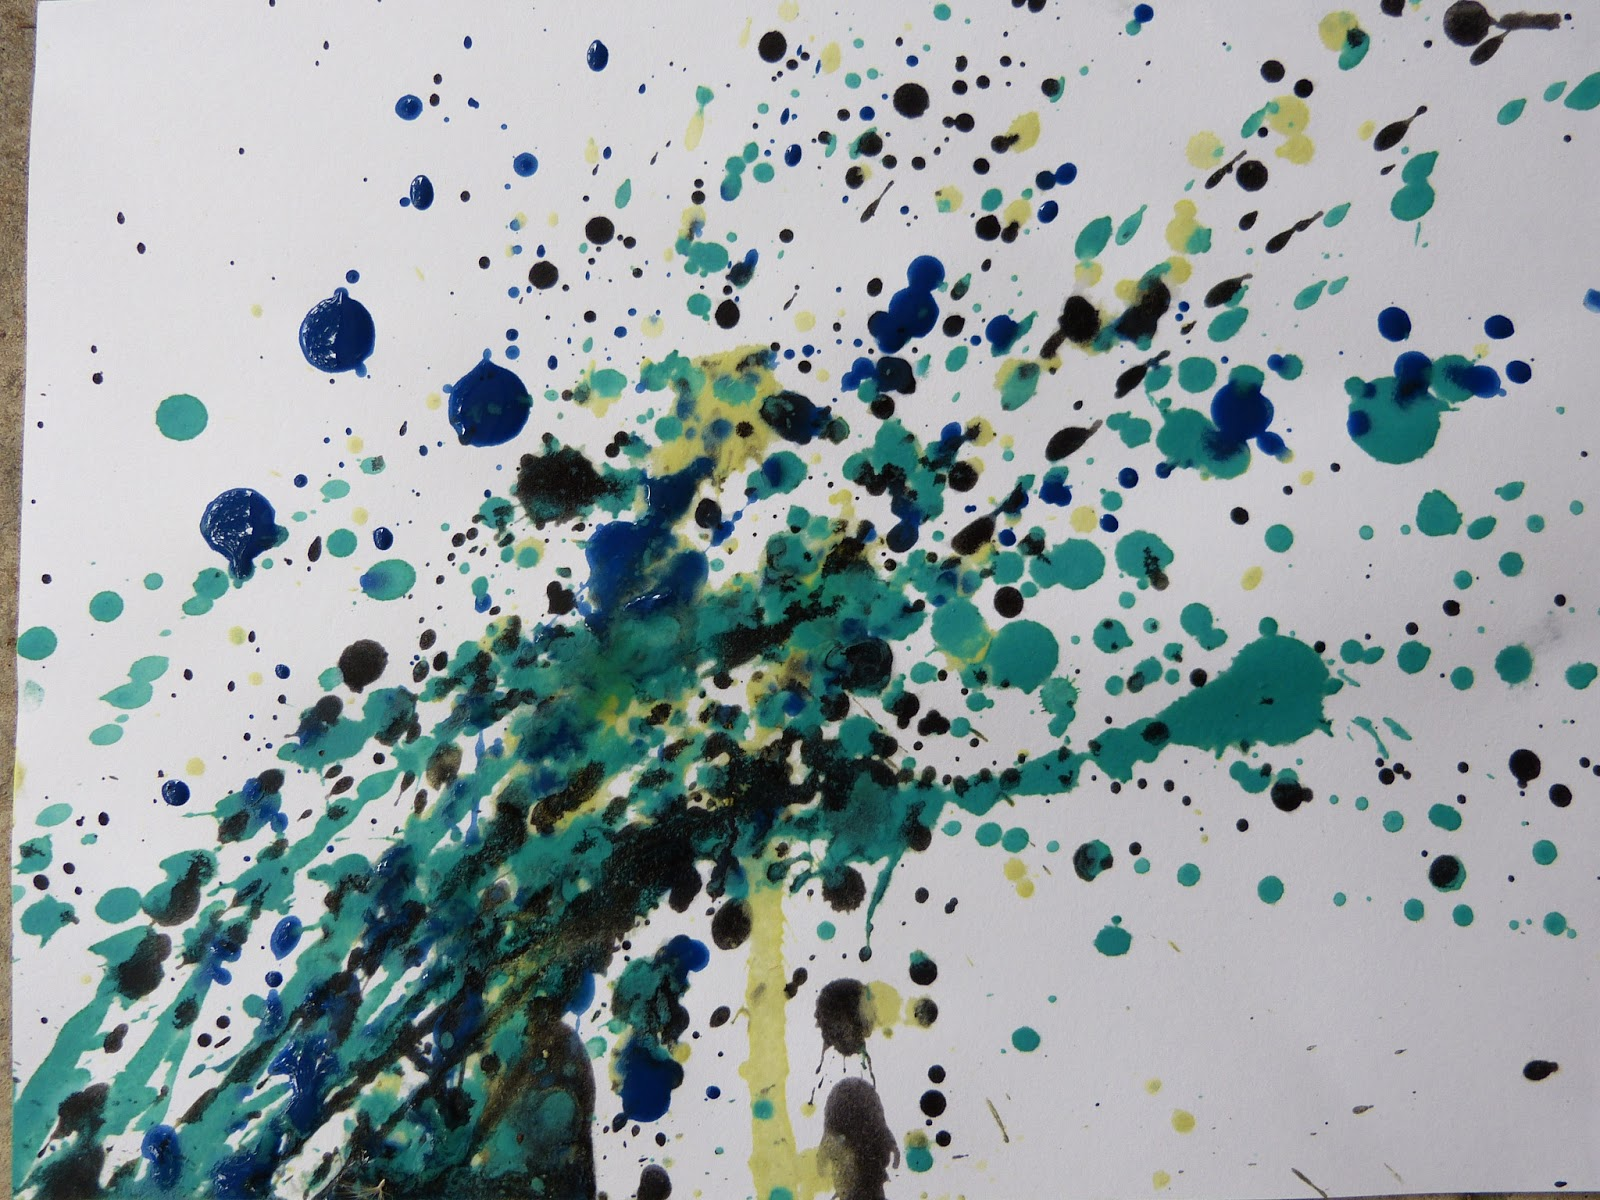 Painting like Jackson Pollock